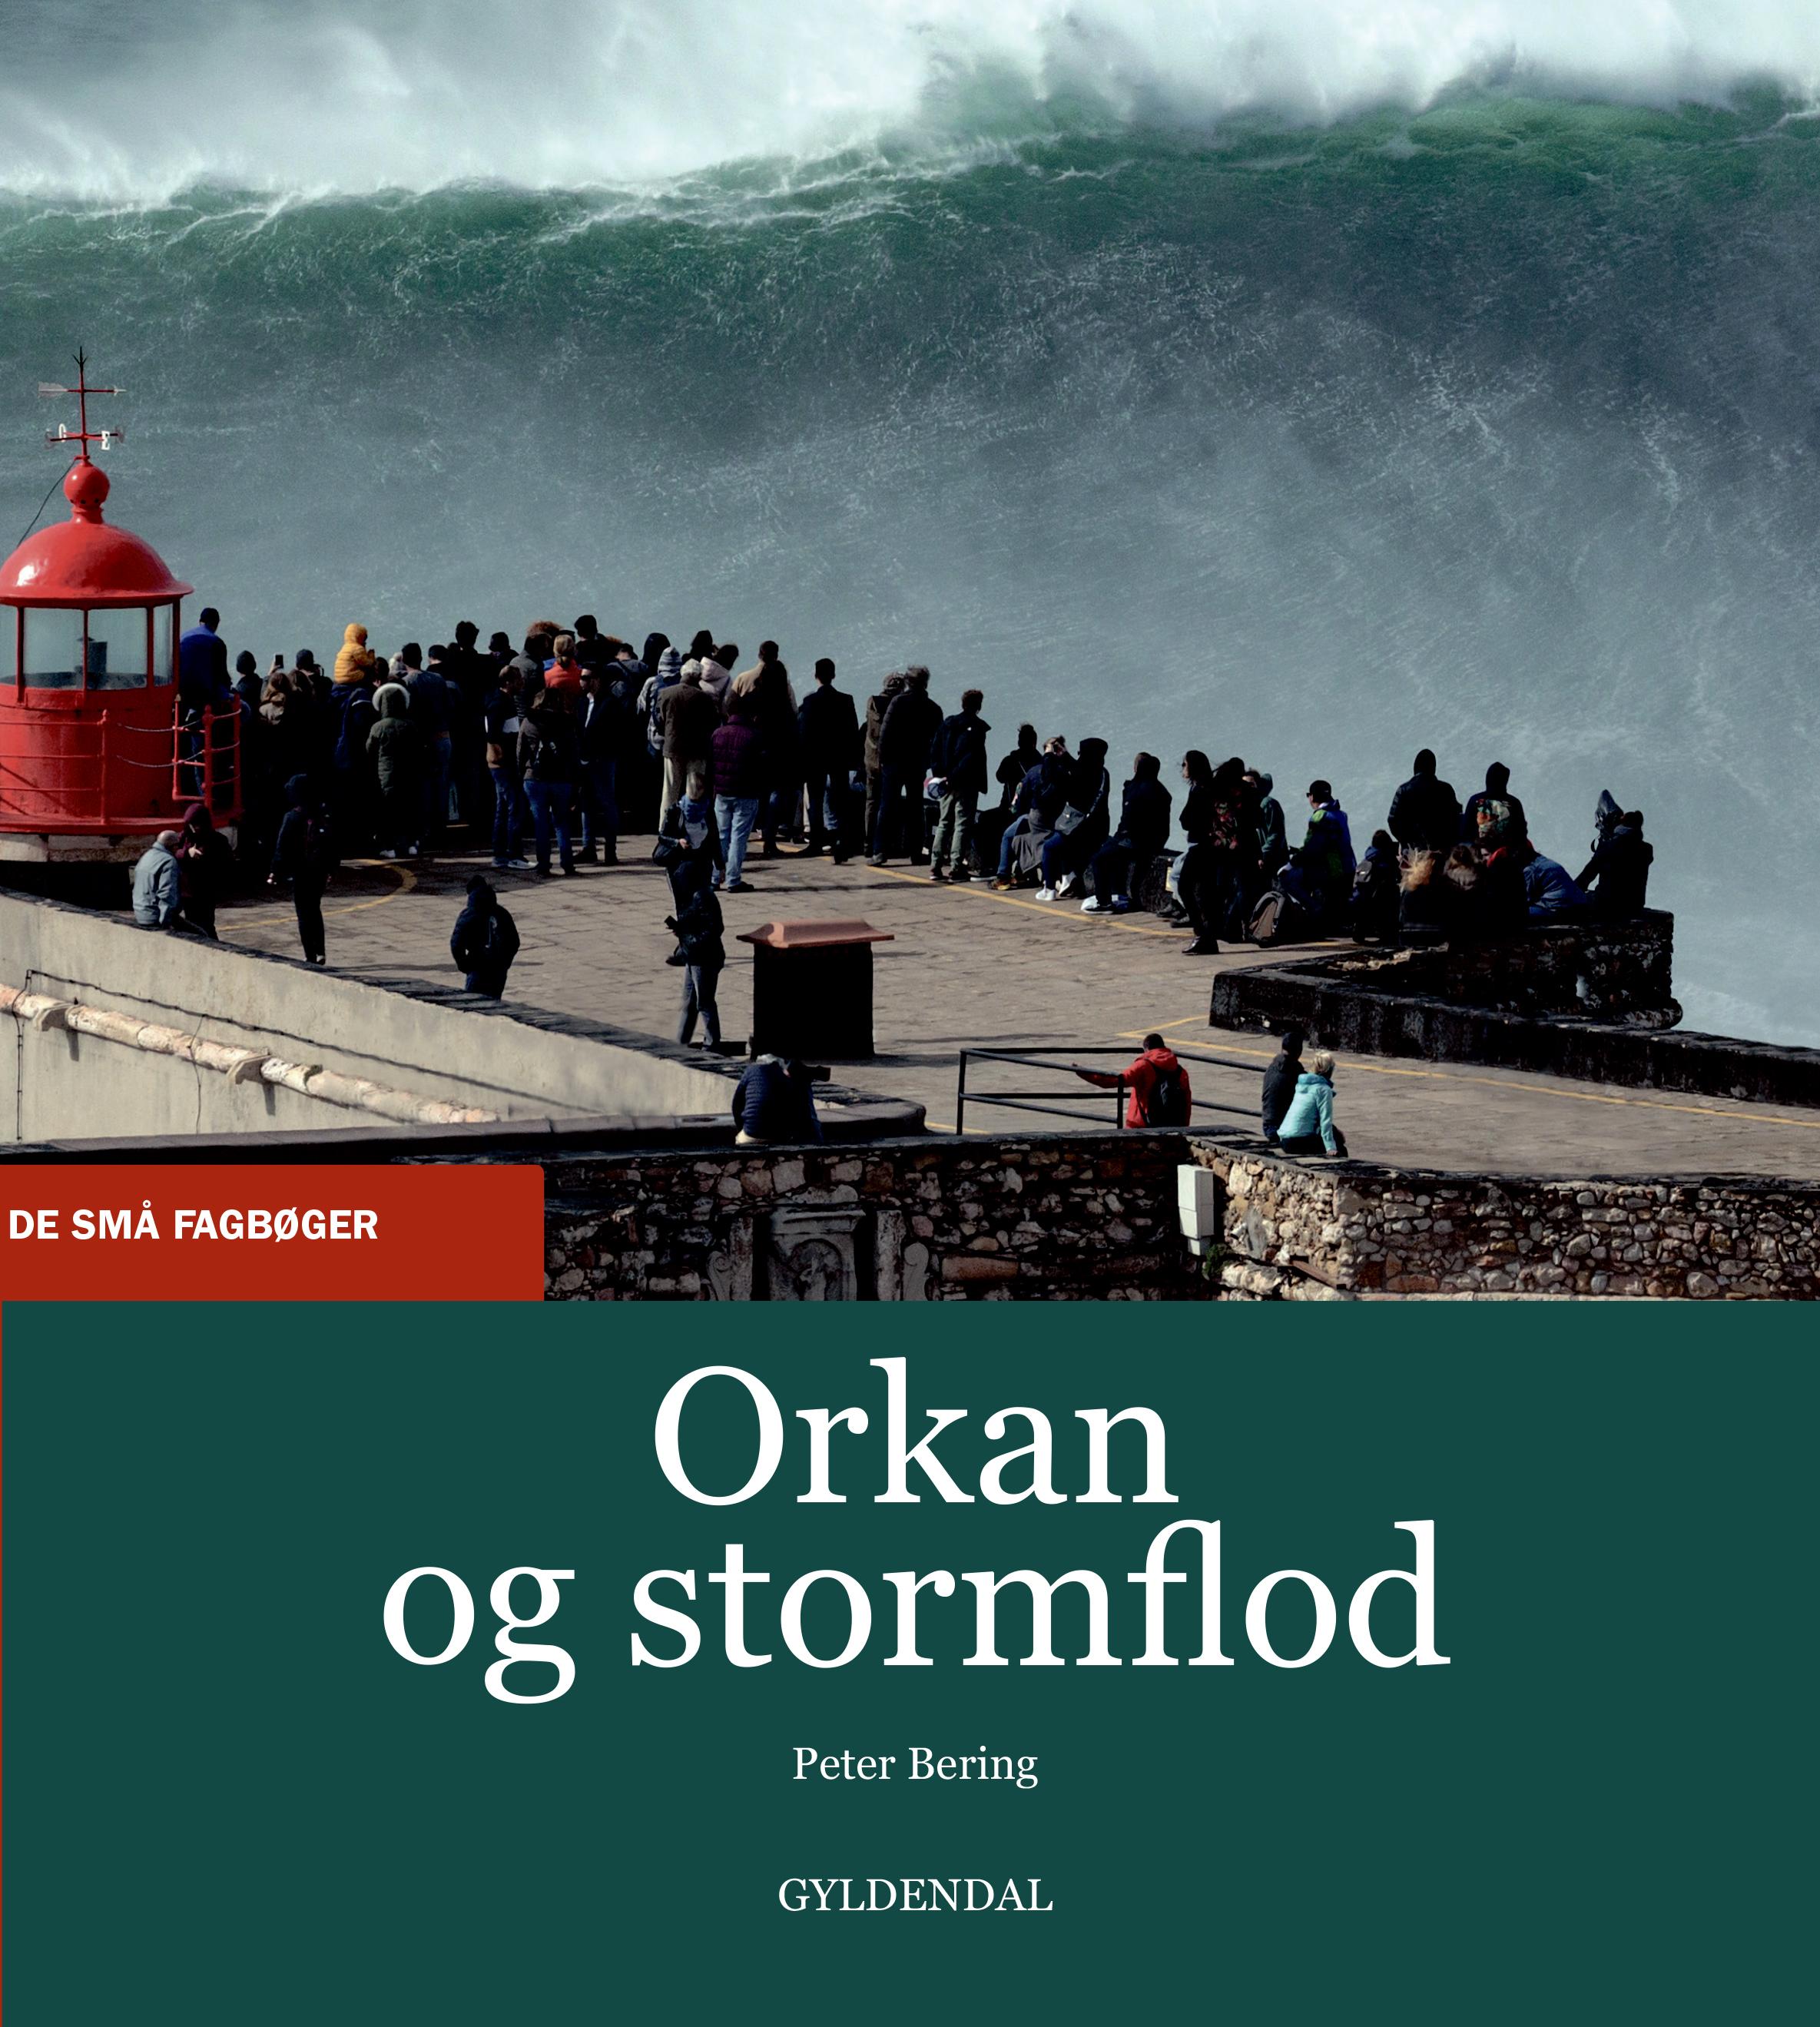 De små fagbøger: Orkan og stormflod - Peter Bering - Bøger - Gyldendal - 9788702309263 - 25/11-2020